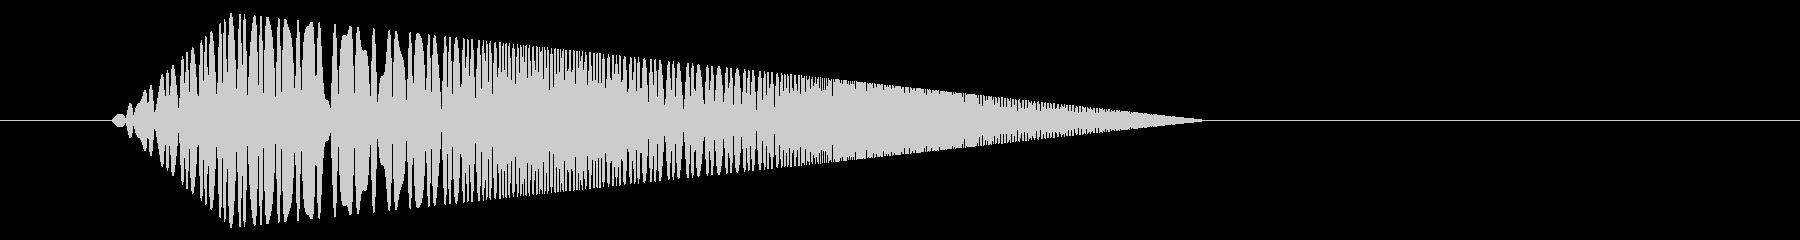 コミカル:ムクムクと何かが生える音の未再生の波形